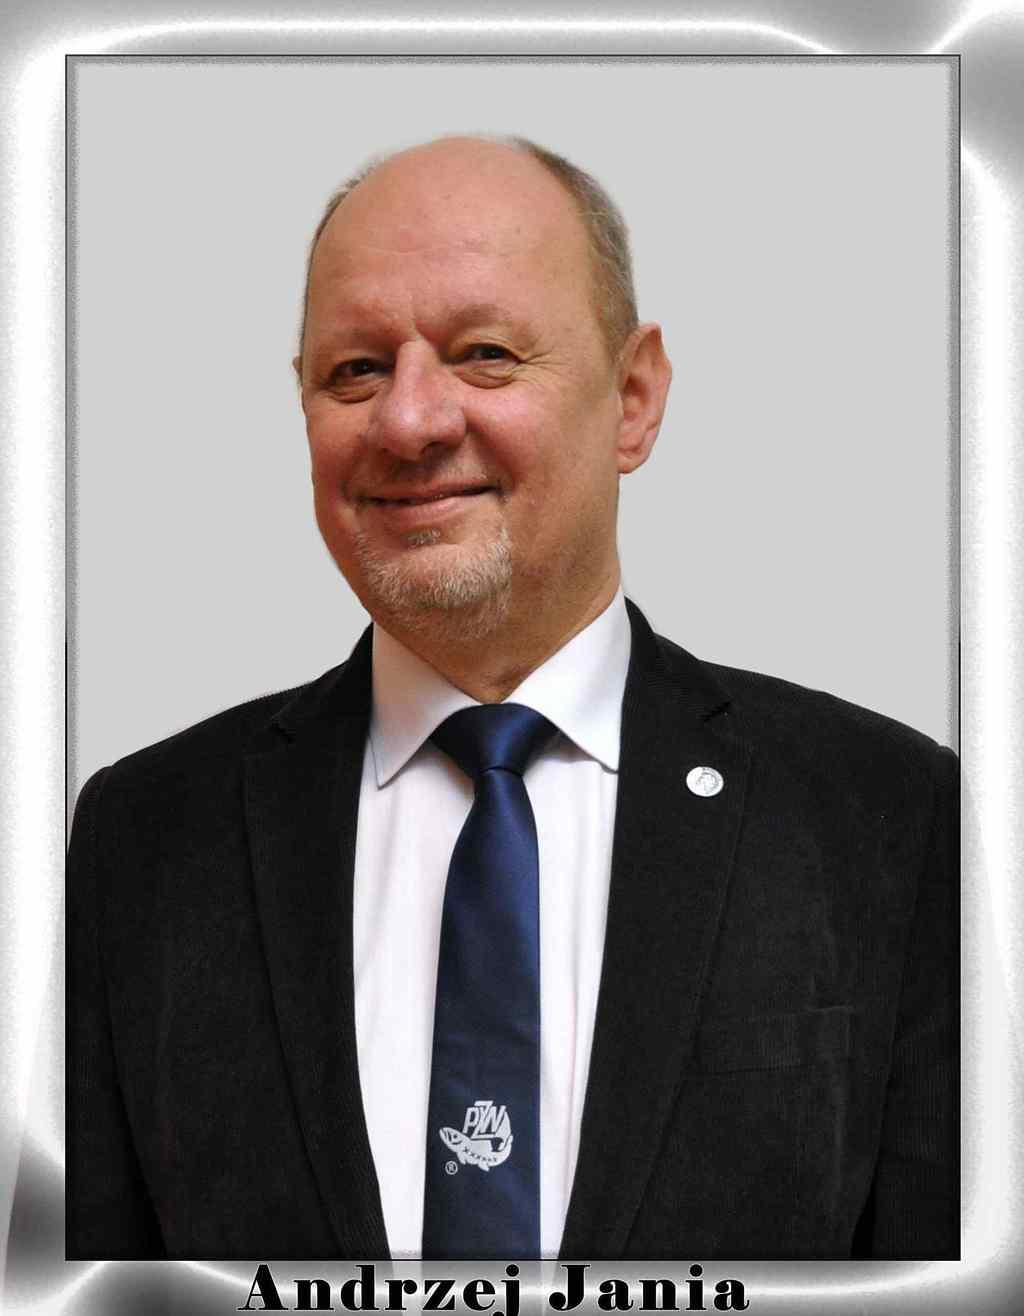 Andrzej Jania